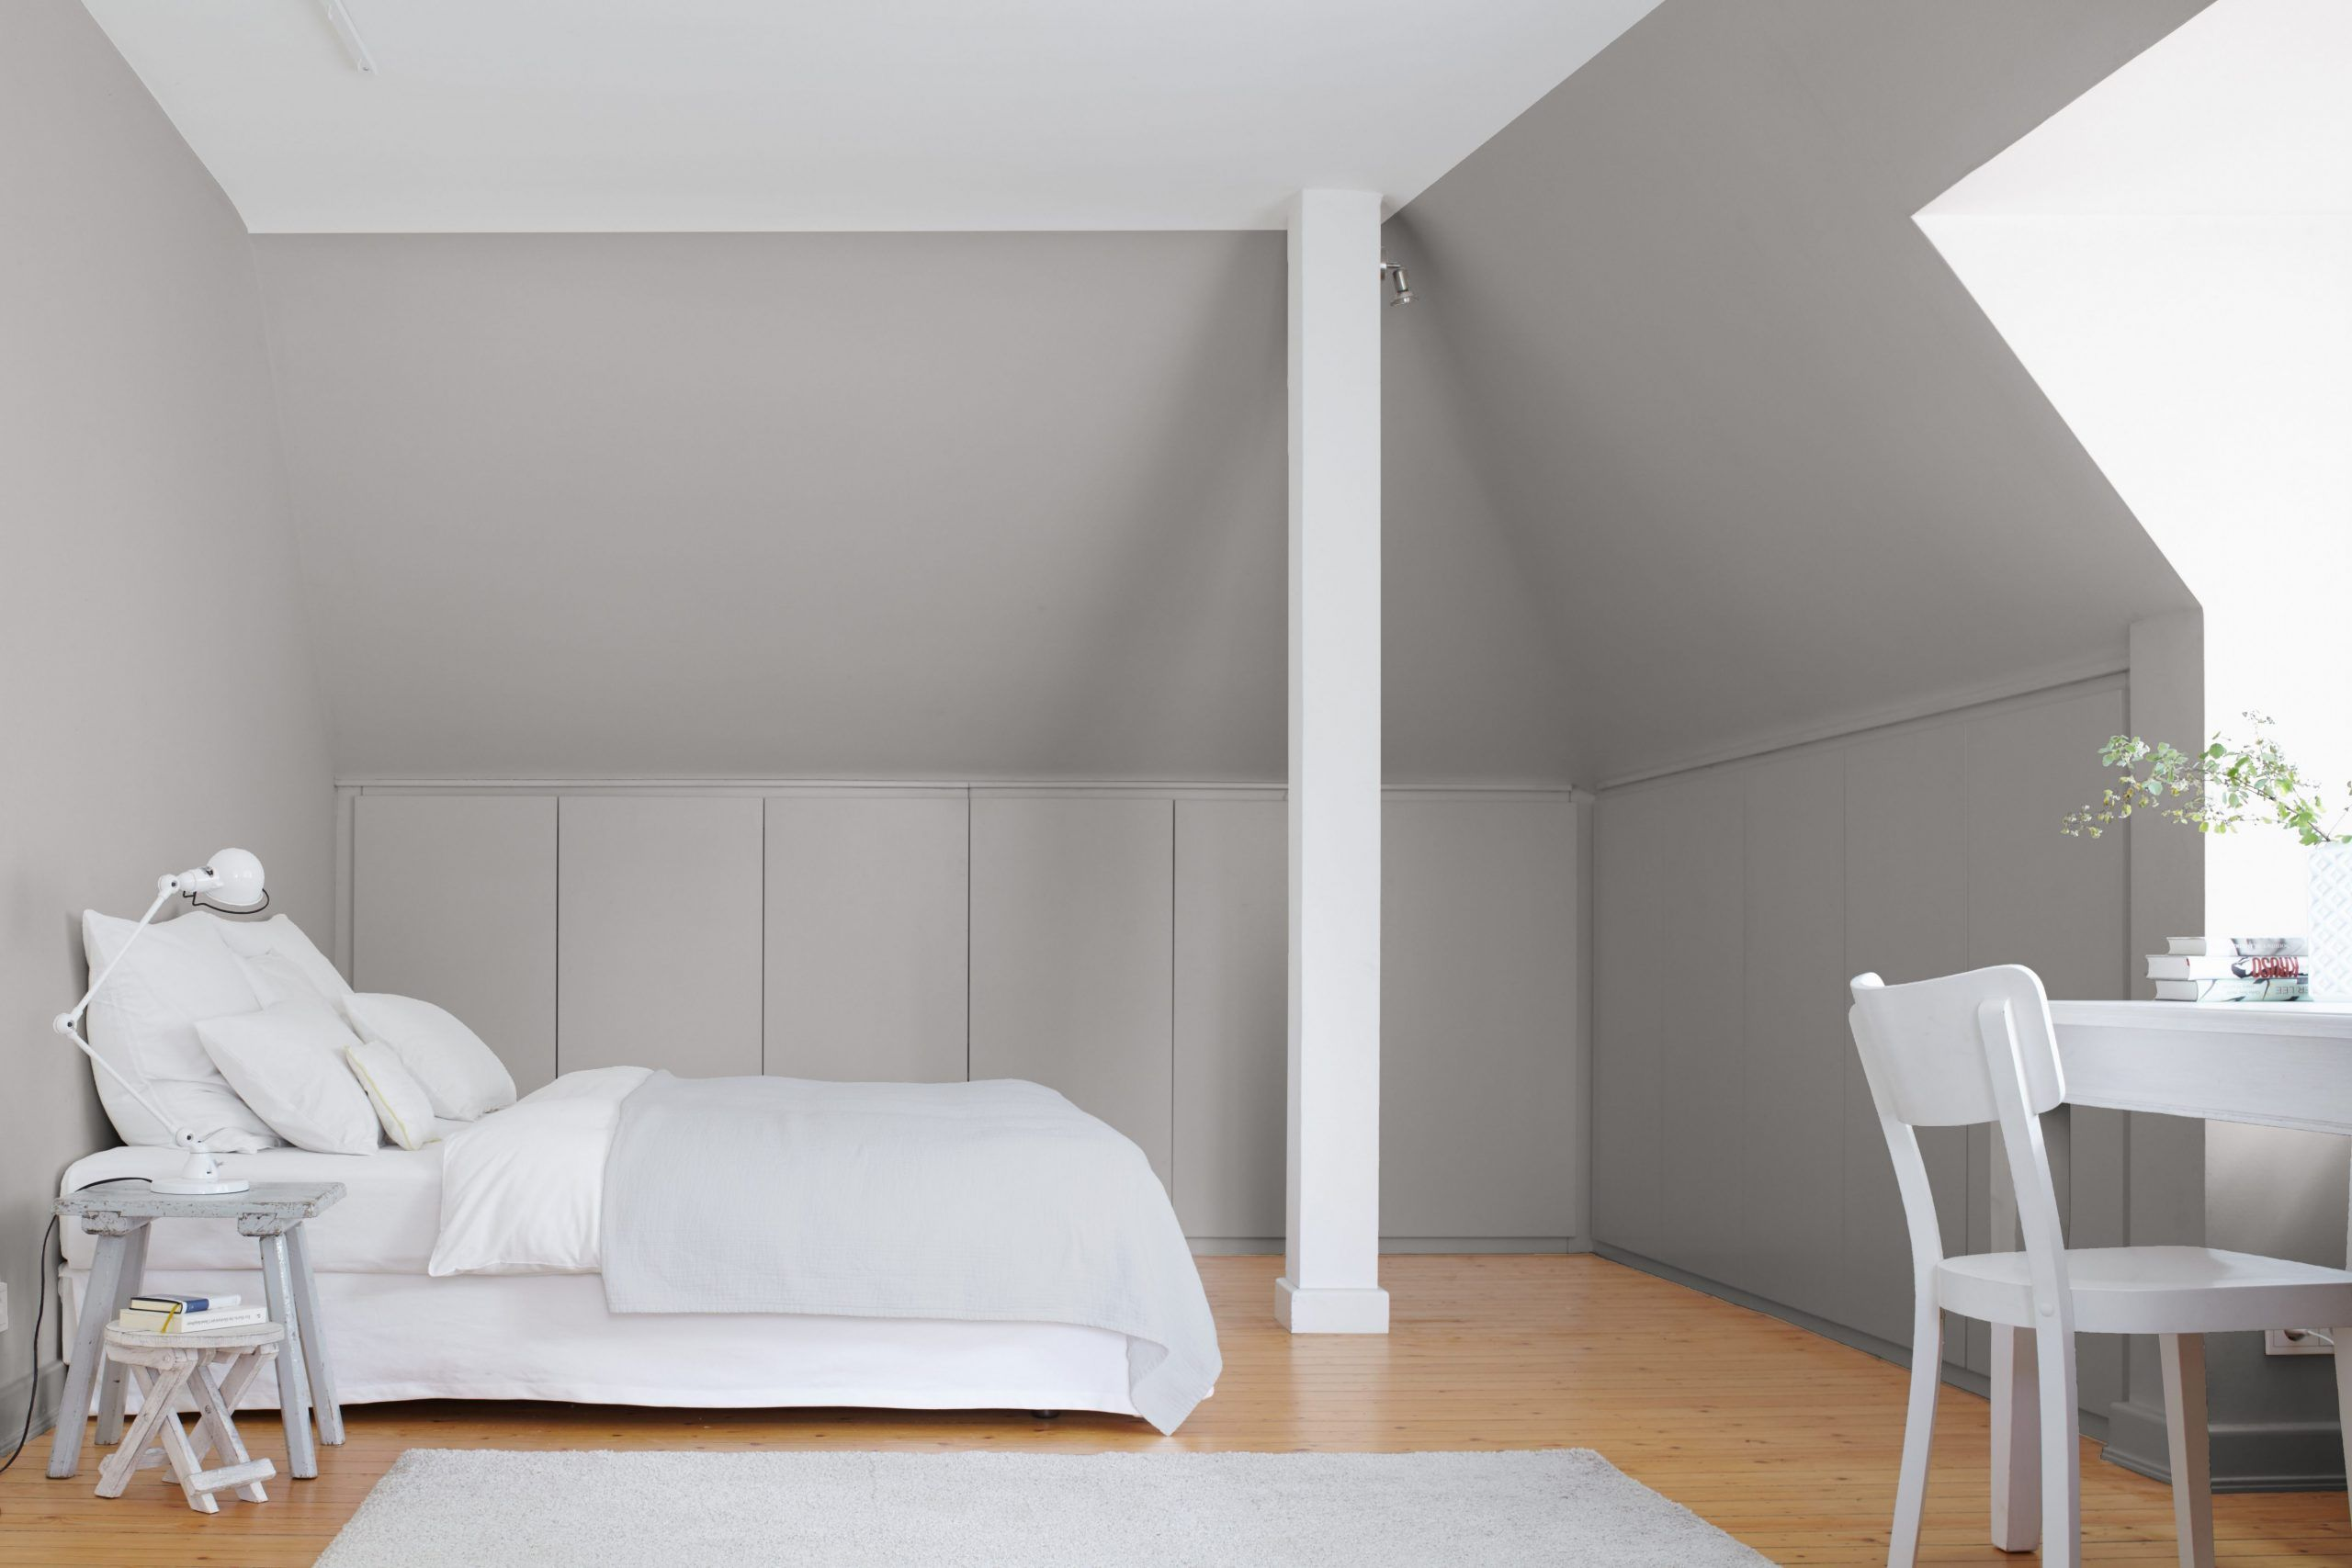 10 Welche Farben Fur Dunkle Mit In 2020 Schlafzimmer Einrichten